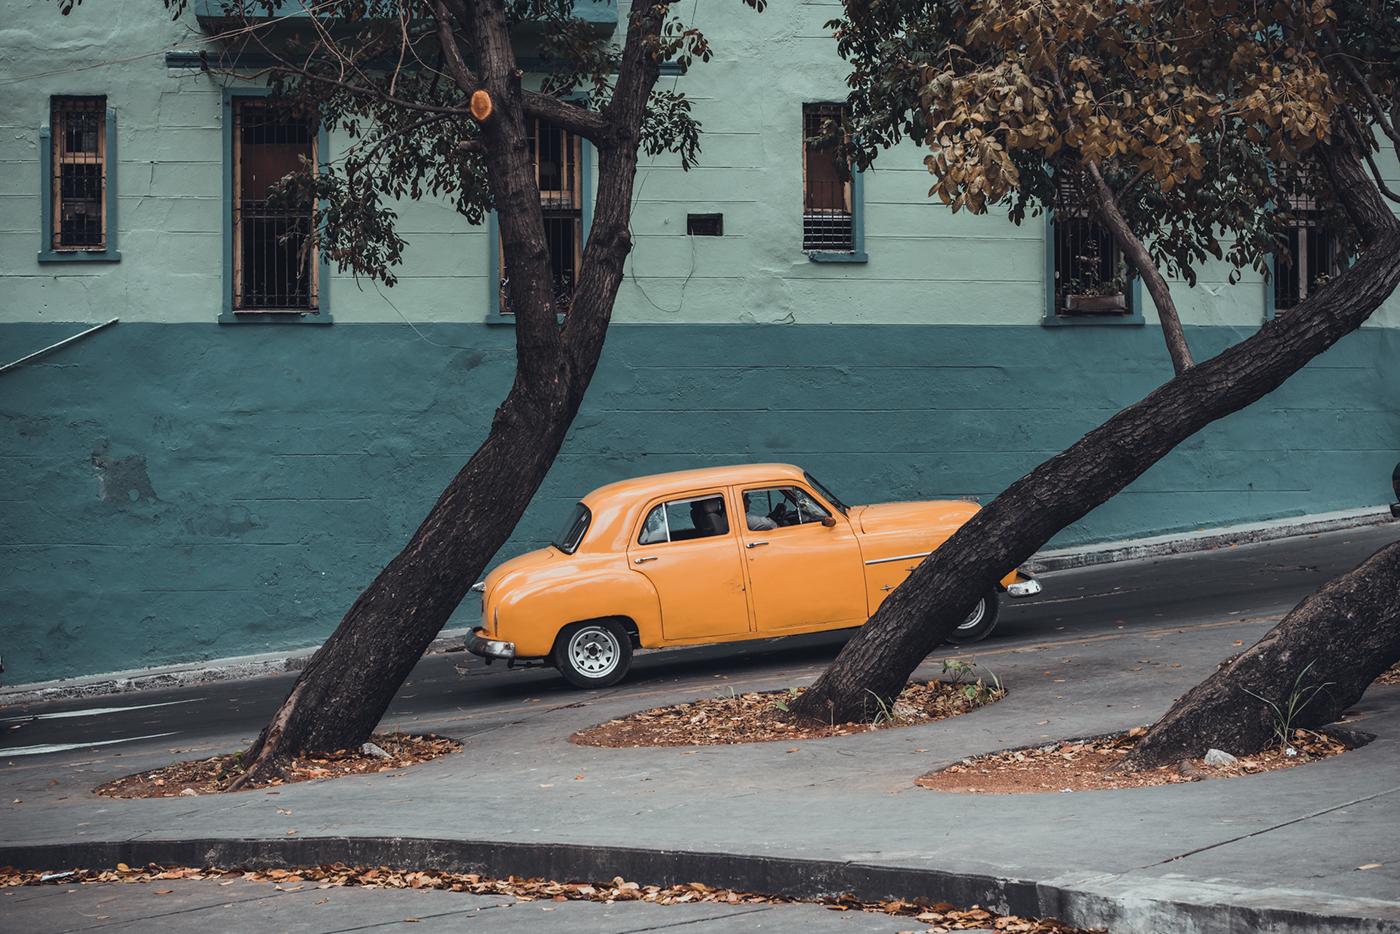 Cinematic Cuba / фото Stijn Hoekstra